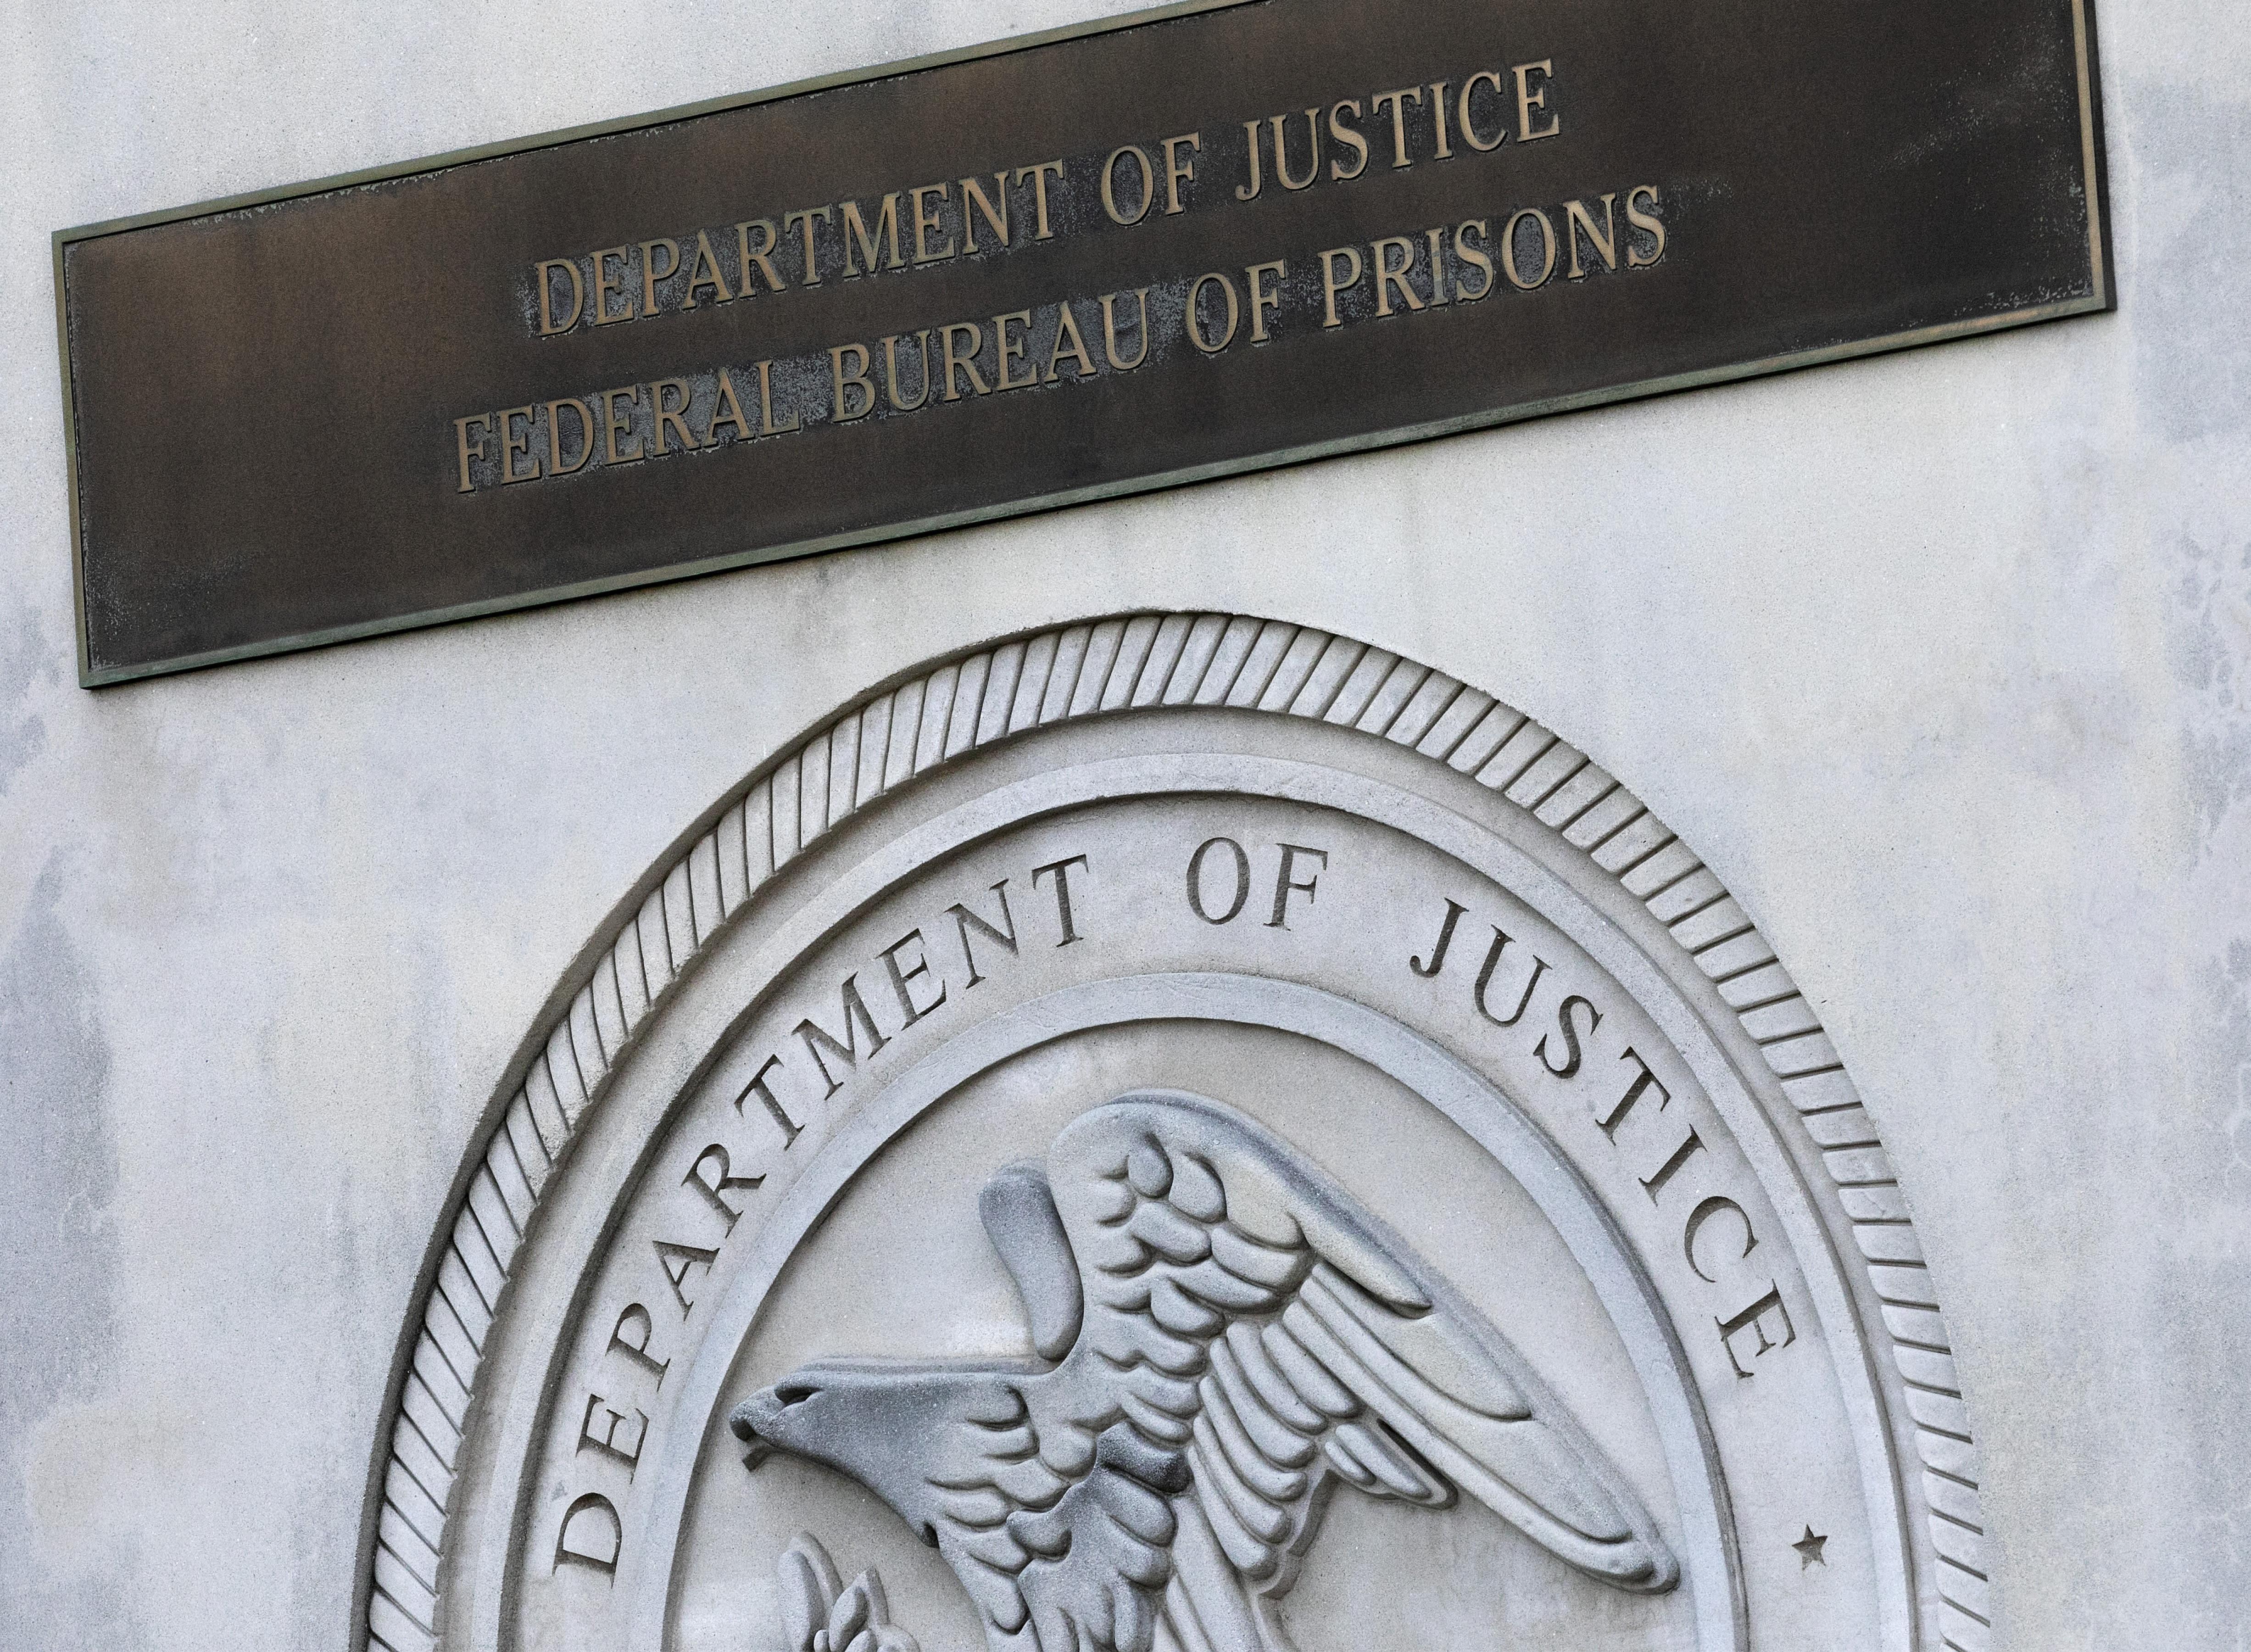 Is Biden overlooking Bureau of Prisons as reform target?